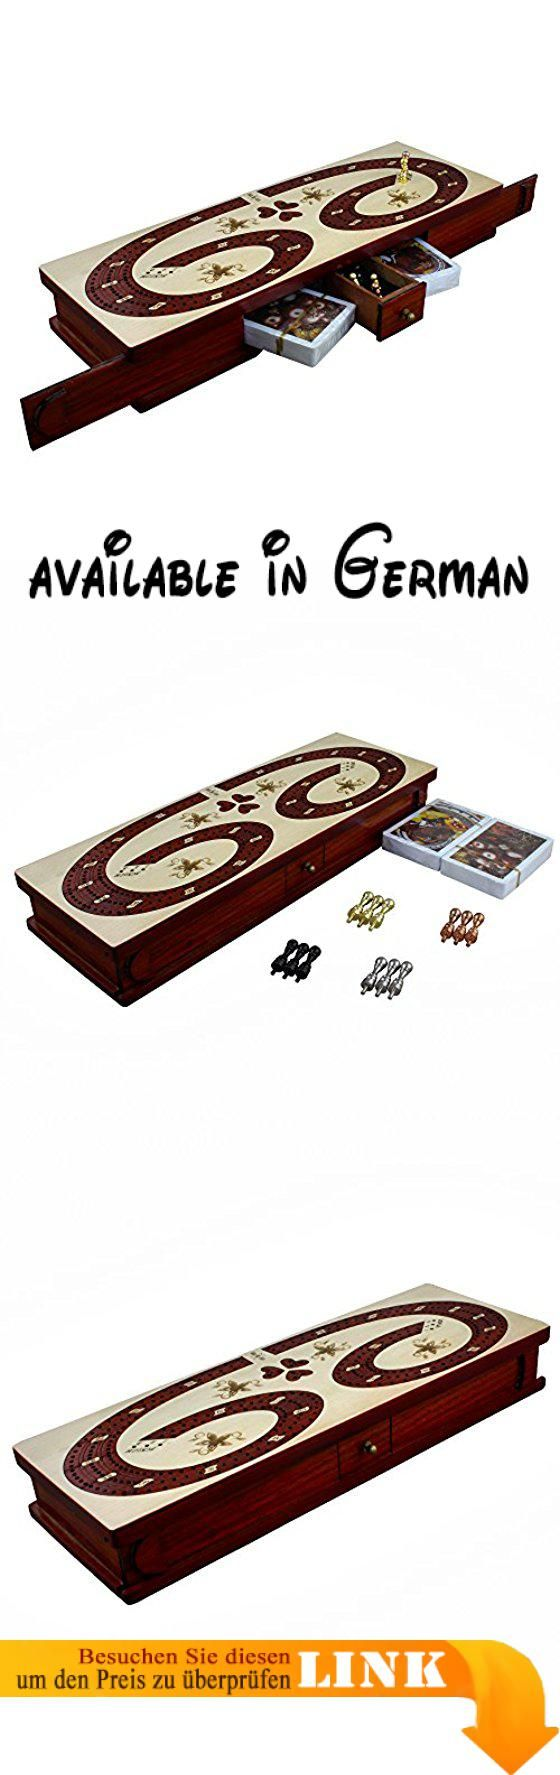 Traditionelles Hölzernes 3 Spieler Cribbage Brettspiel Set Mit 12 Metall  Pegs, 2 Decks Von Karten, 12 Metall Pegs Mit Lagerung.